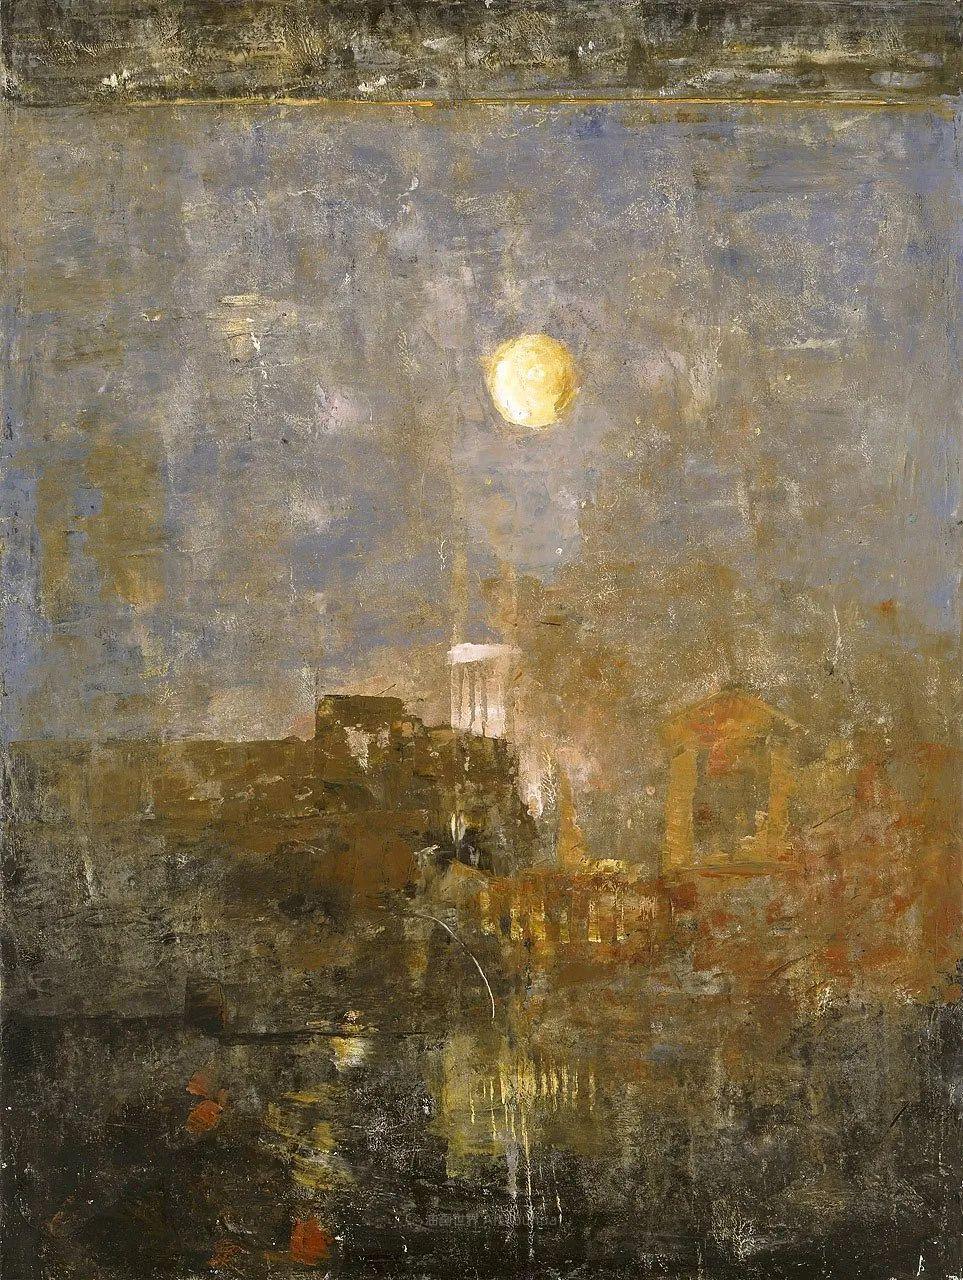 马耳他女画家 Goxwa Borg 戈克斯瓦·博格作品欣赏: 古典又现代!插图41